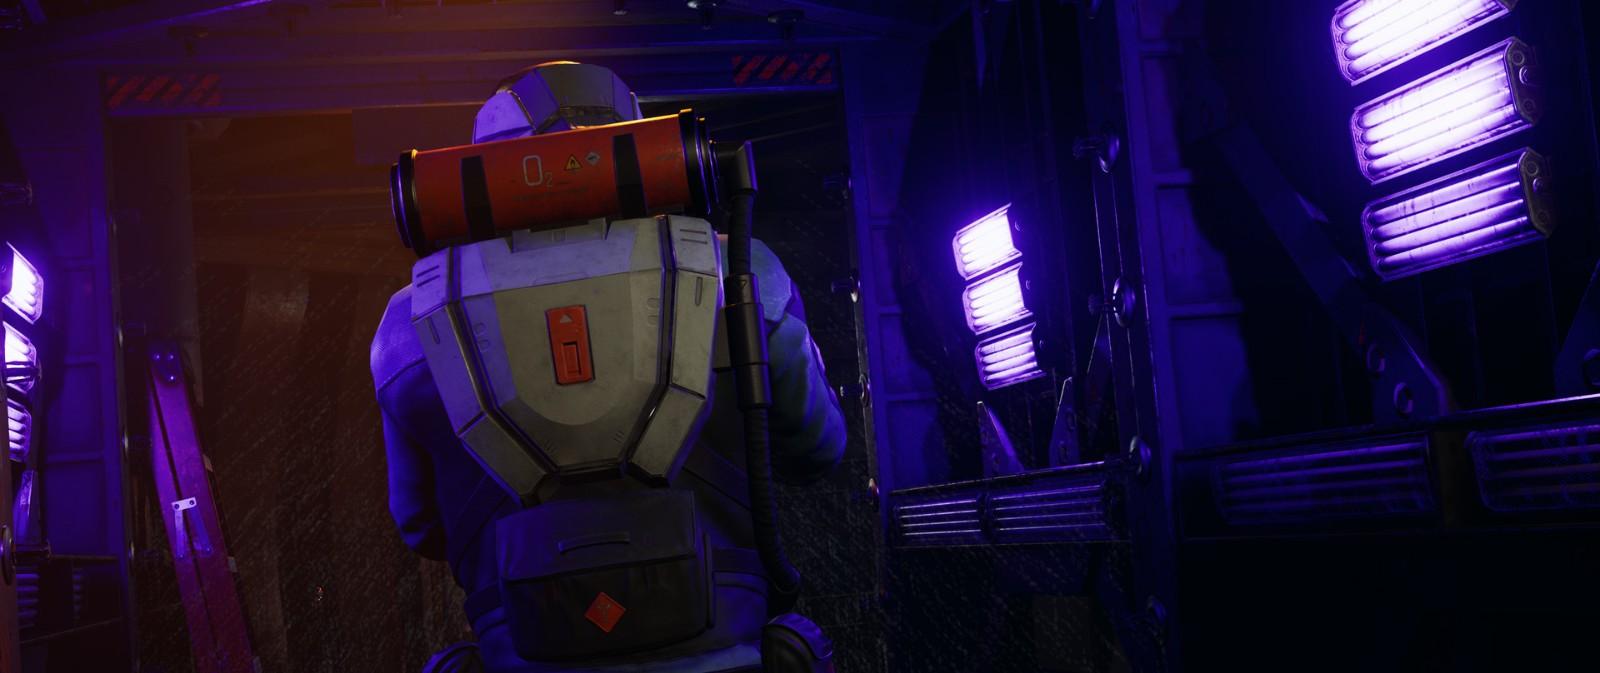 恐怖游戏《消极氛围》预告 展示游戏画面及部分剧情